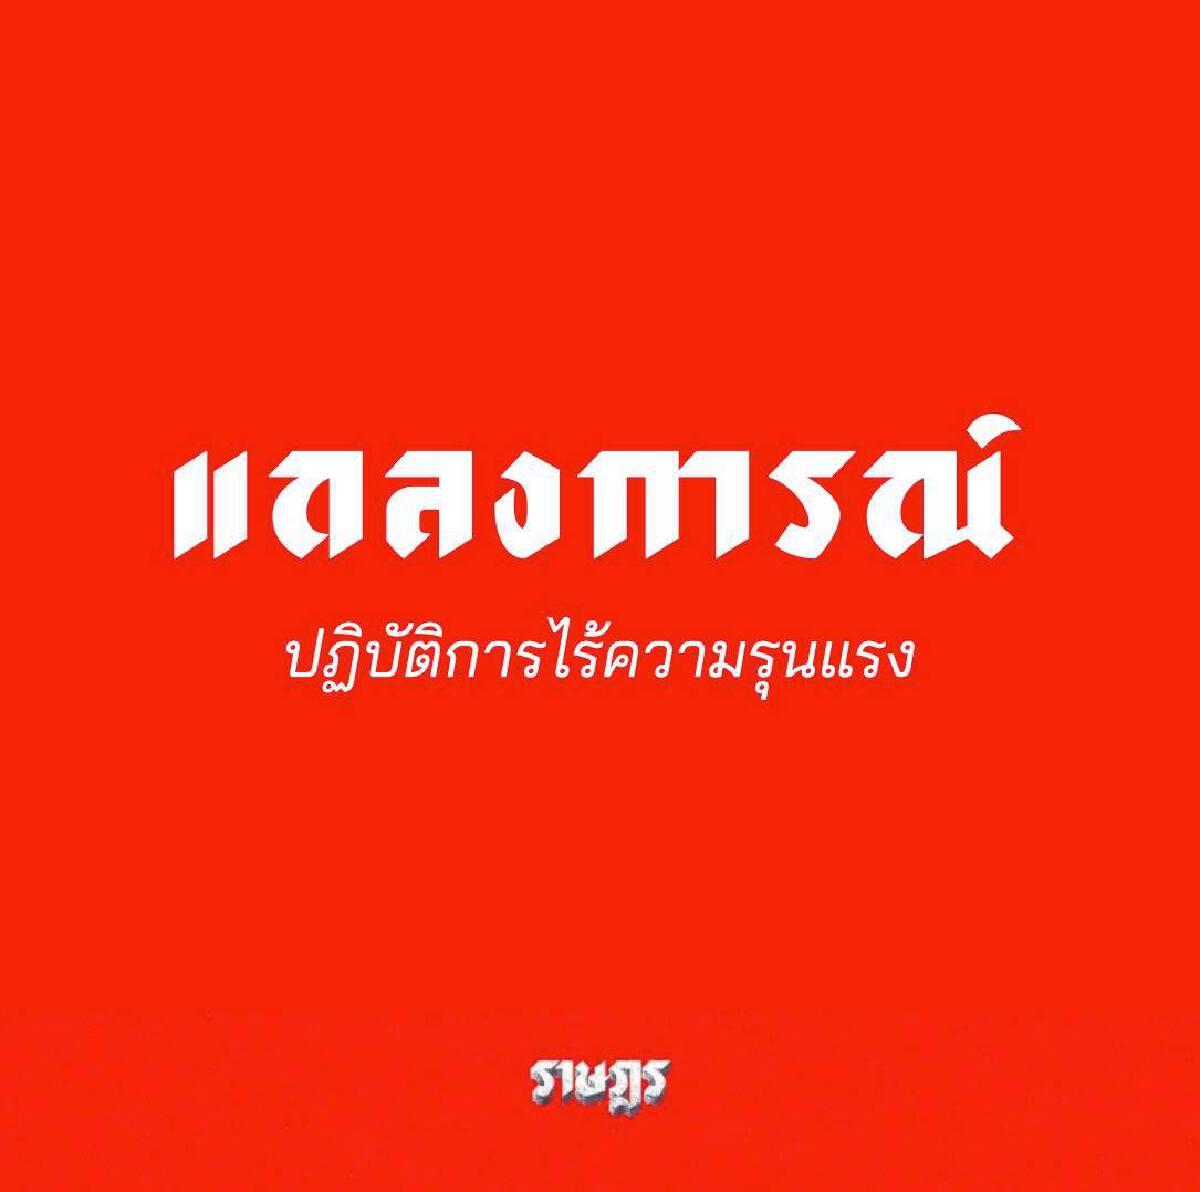 ราษฎร แถลง ยืนยันไม่ใช้ความรุนแรง ลั่นจะสู้จนกว่าไทยจะมีความเสมอภาค